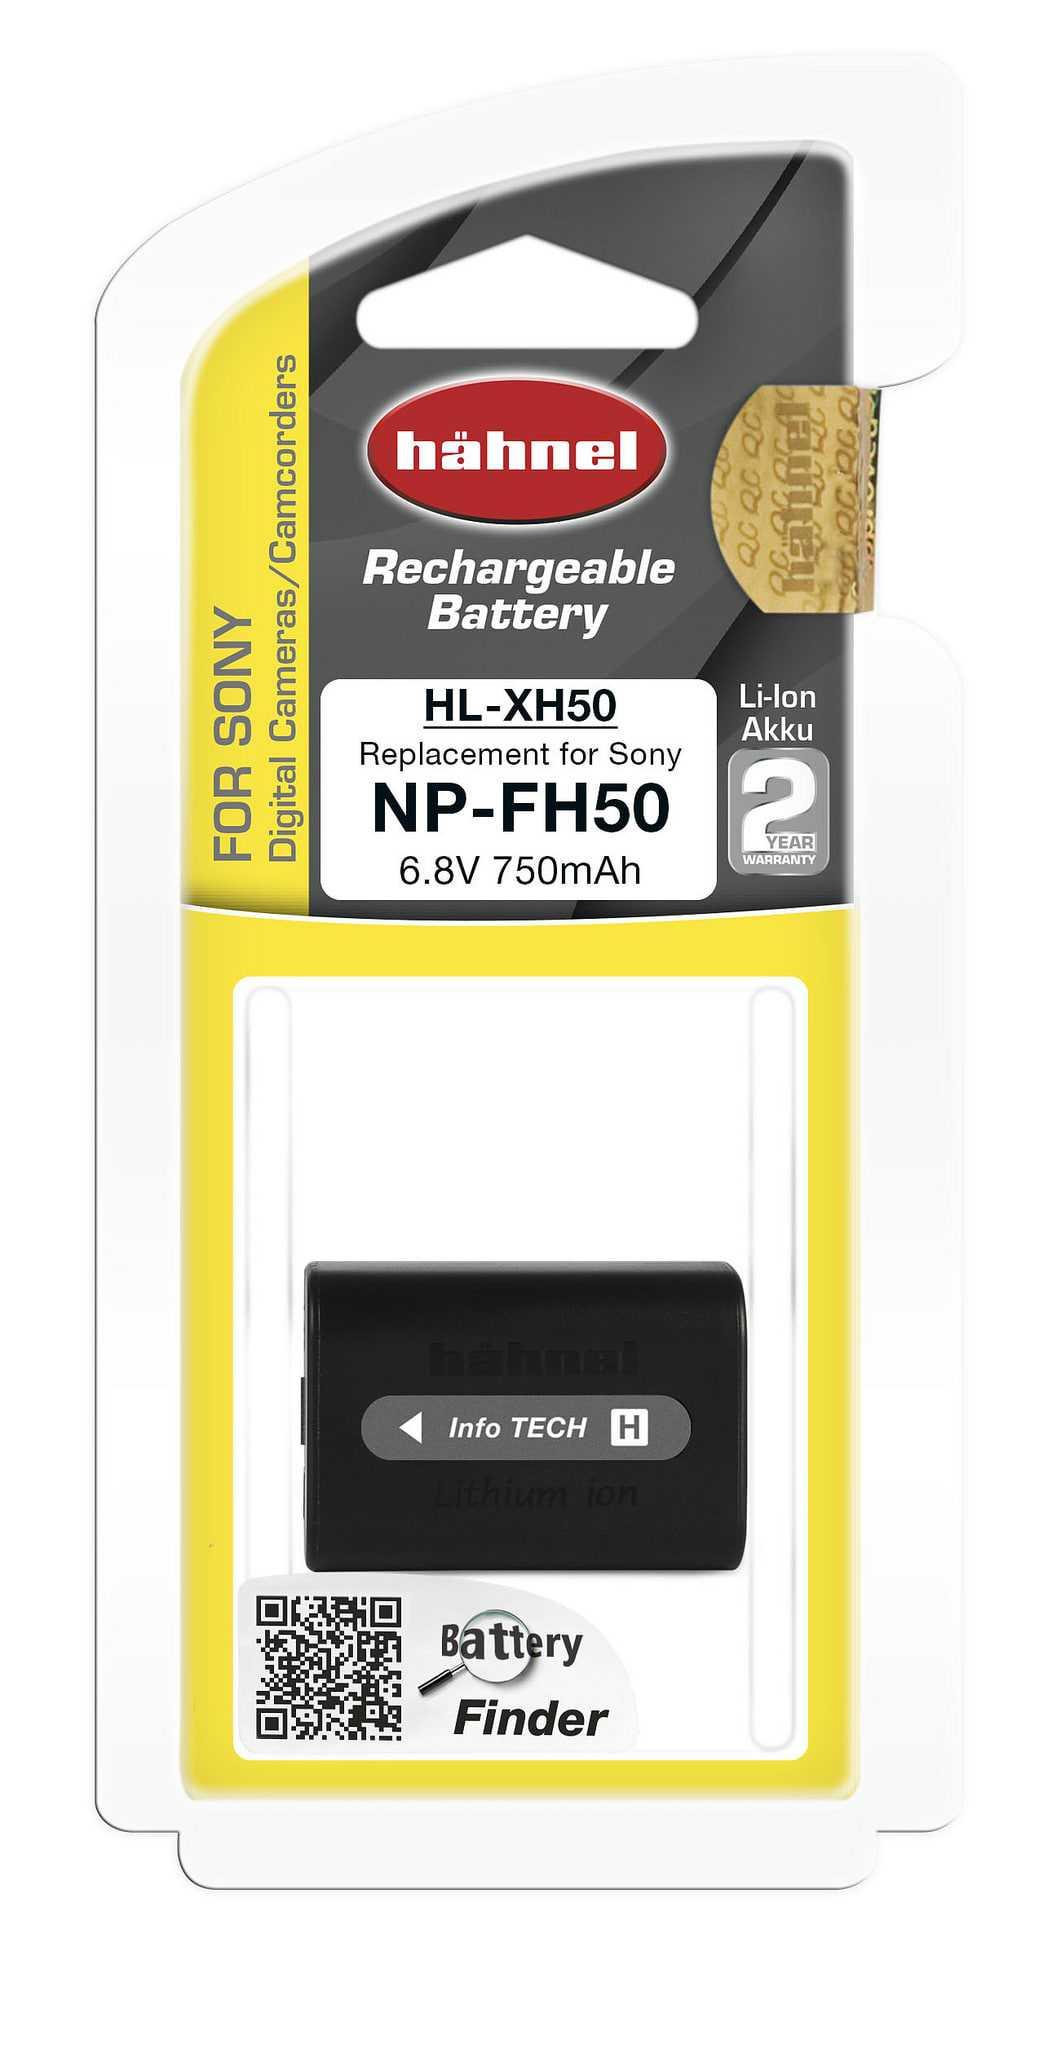 סוללה נטענת חליפית לסוני NP-FH50